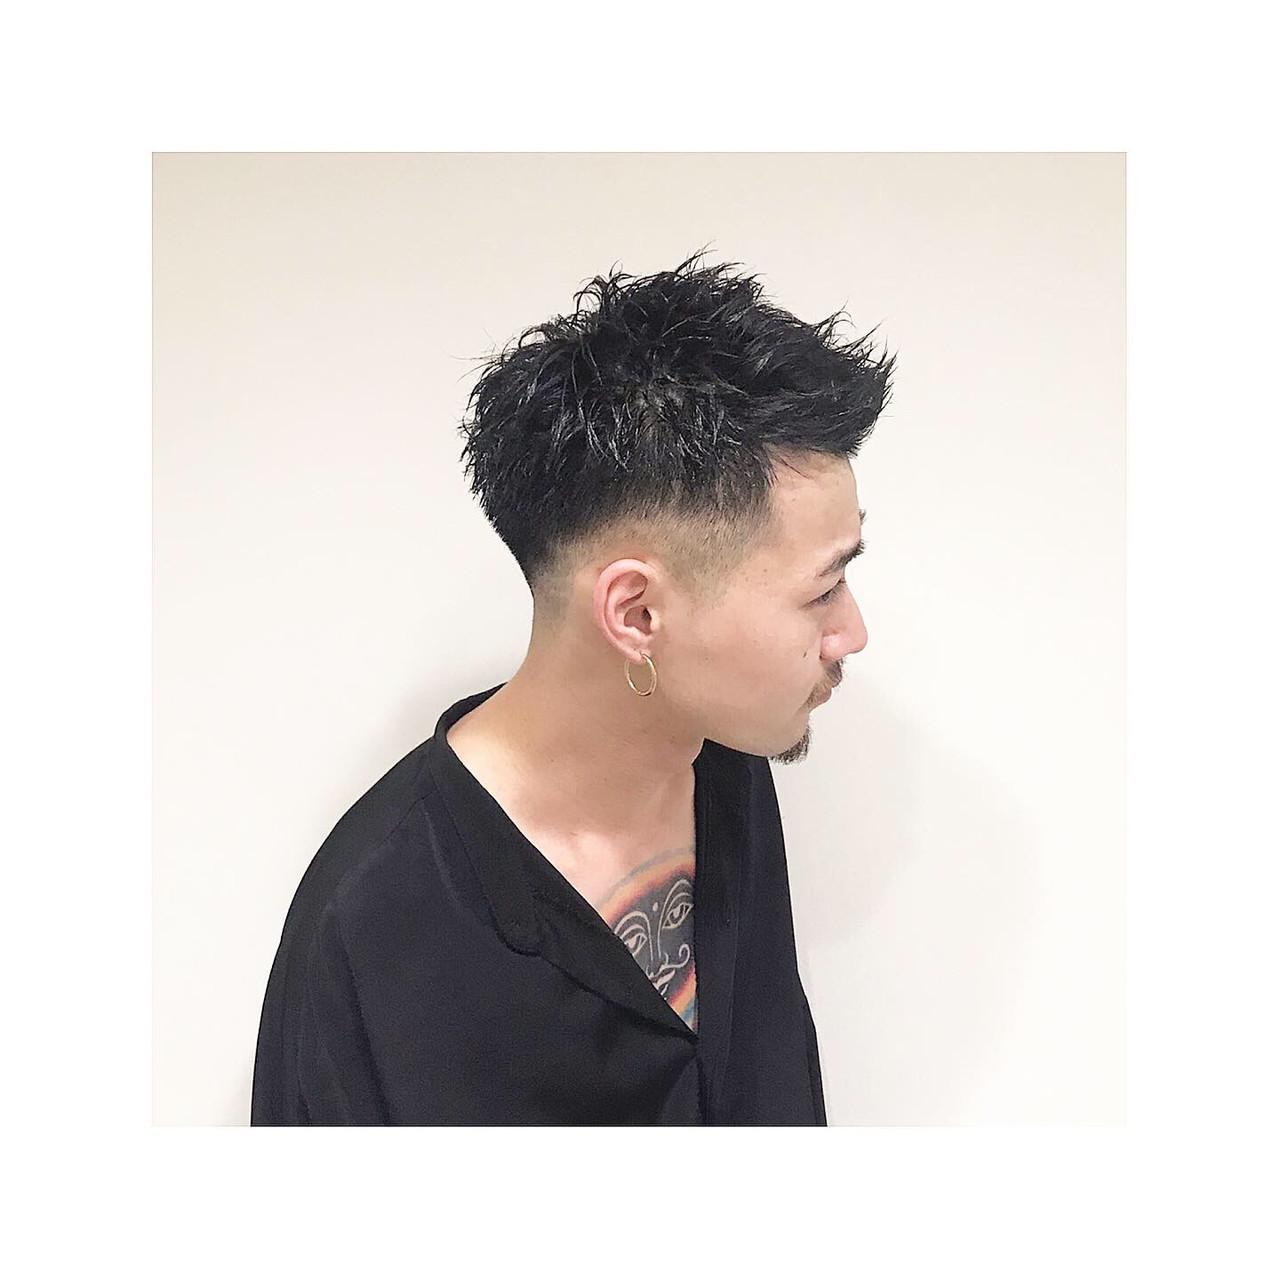 ベリーショート メンズショート スキンフェード ストリート ヘアスタイルや髪型の写真・画像